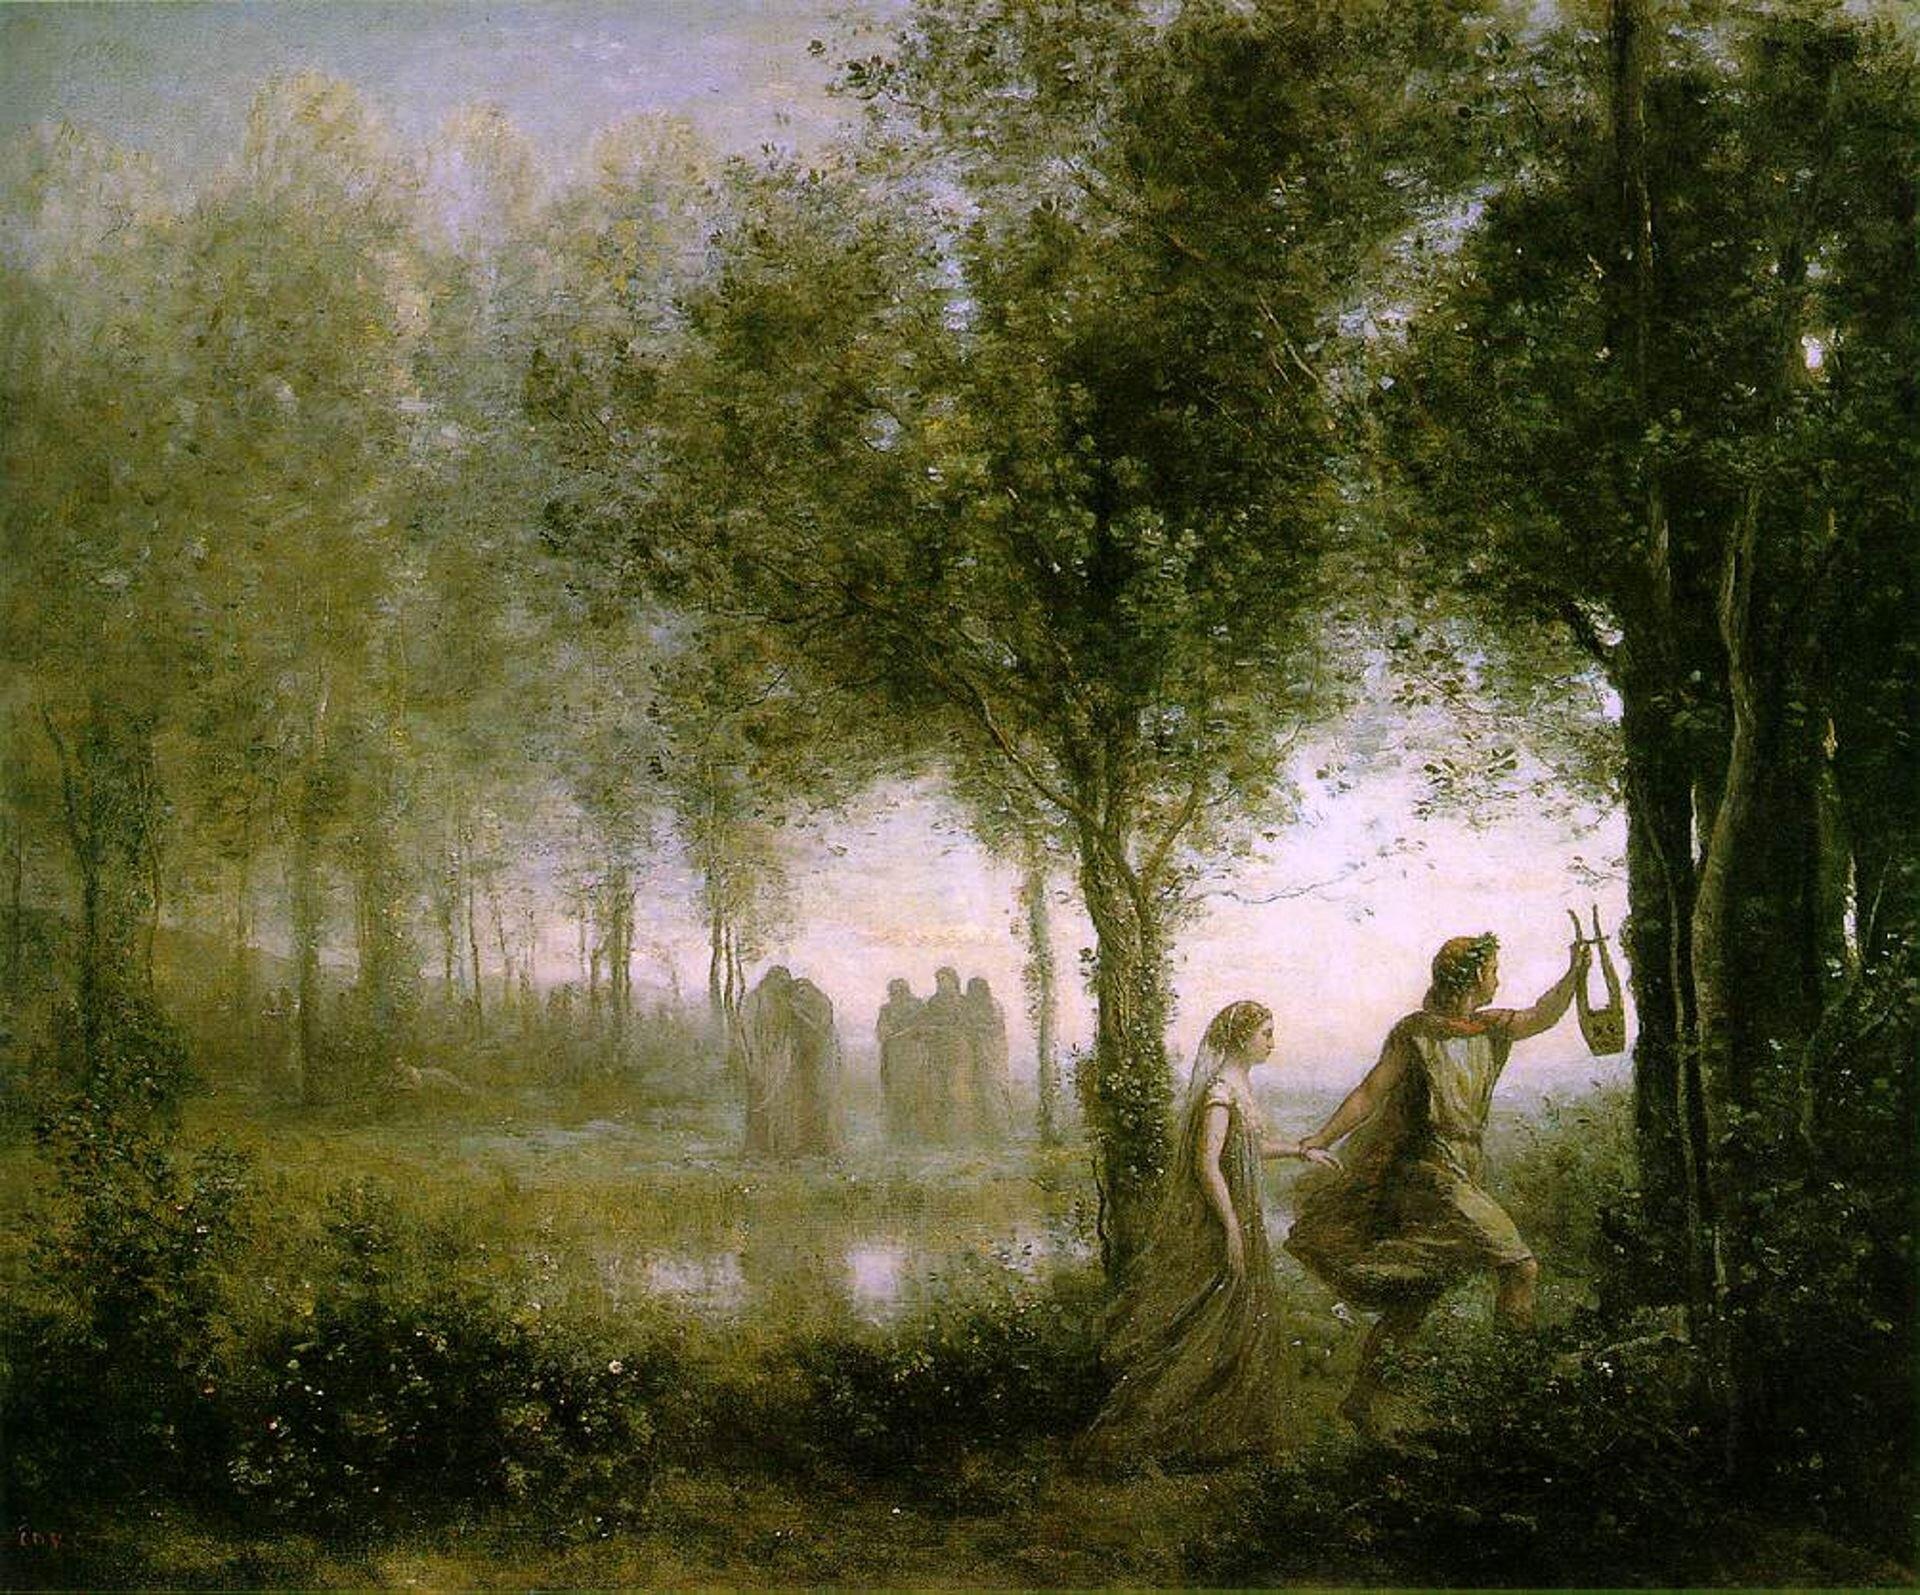 """lustracja przedstawia obraz Jean-Baptiste-Camille Corot'a pt. """"Orfeusz wyprowadzający Eurydykę zpodziemi"""". Obraz utrzymany jest wciemnej tonacji, zprzewagą zieleni. Wprawym dolnym rogu widnieją dwie postaci: przodem kroczy mężczyzna wjasnej zwiewnej szacie, zwieńcem laurowym na głowie ilirą wręku. Drugą ręką trzyma kobietę, która podąża za nim. Ubrana jest wcienką długą suknię, na głowie ma welon. Wcentrum obrazu widnieje podmokły teren (bagno?); dookoła rosną drzewa ikrzaki. Wdali stoją dwie grupy smętnych postaci."""